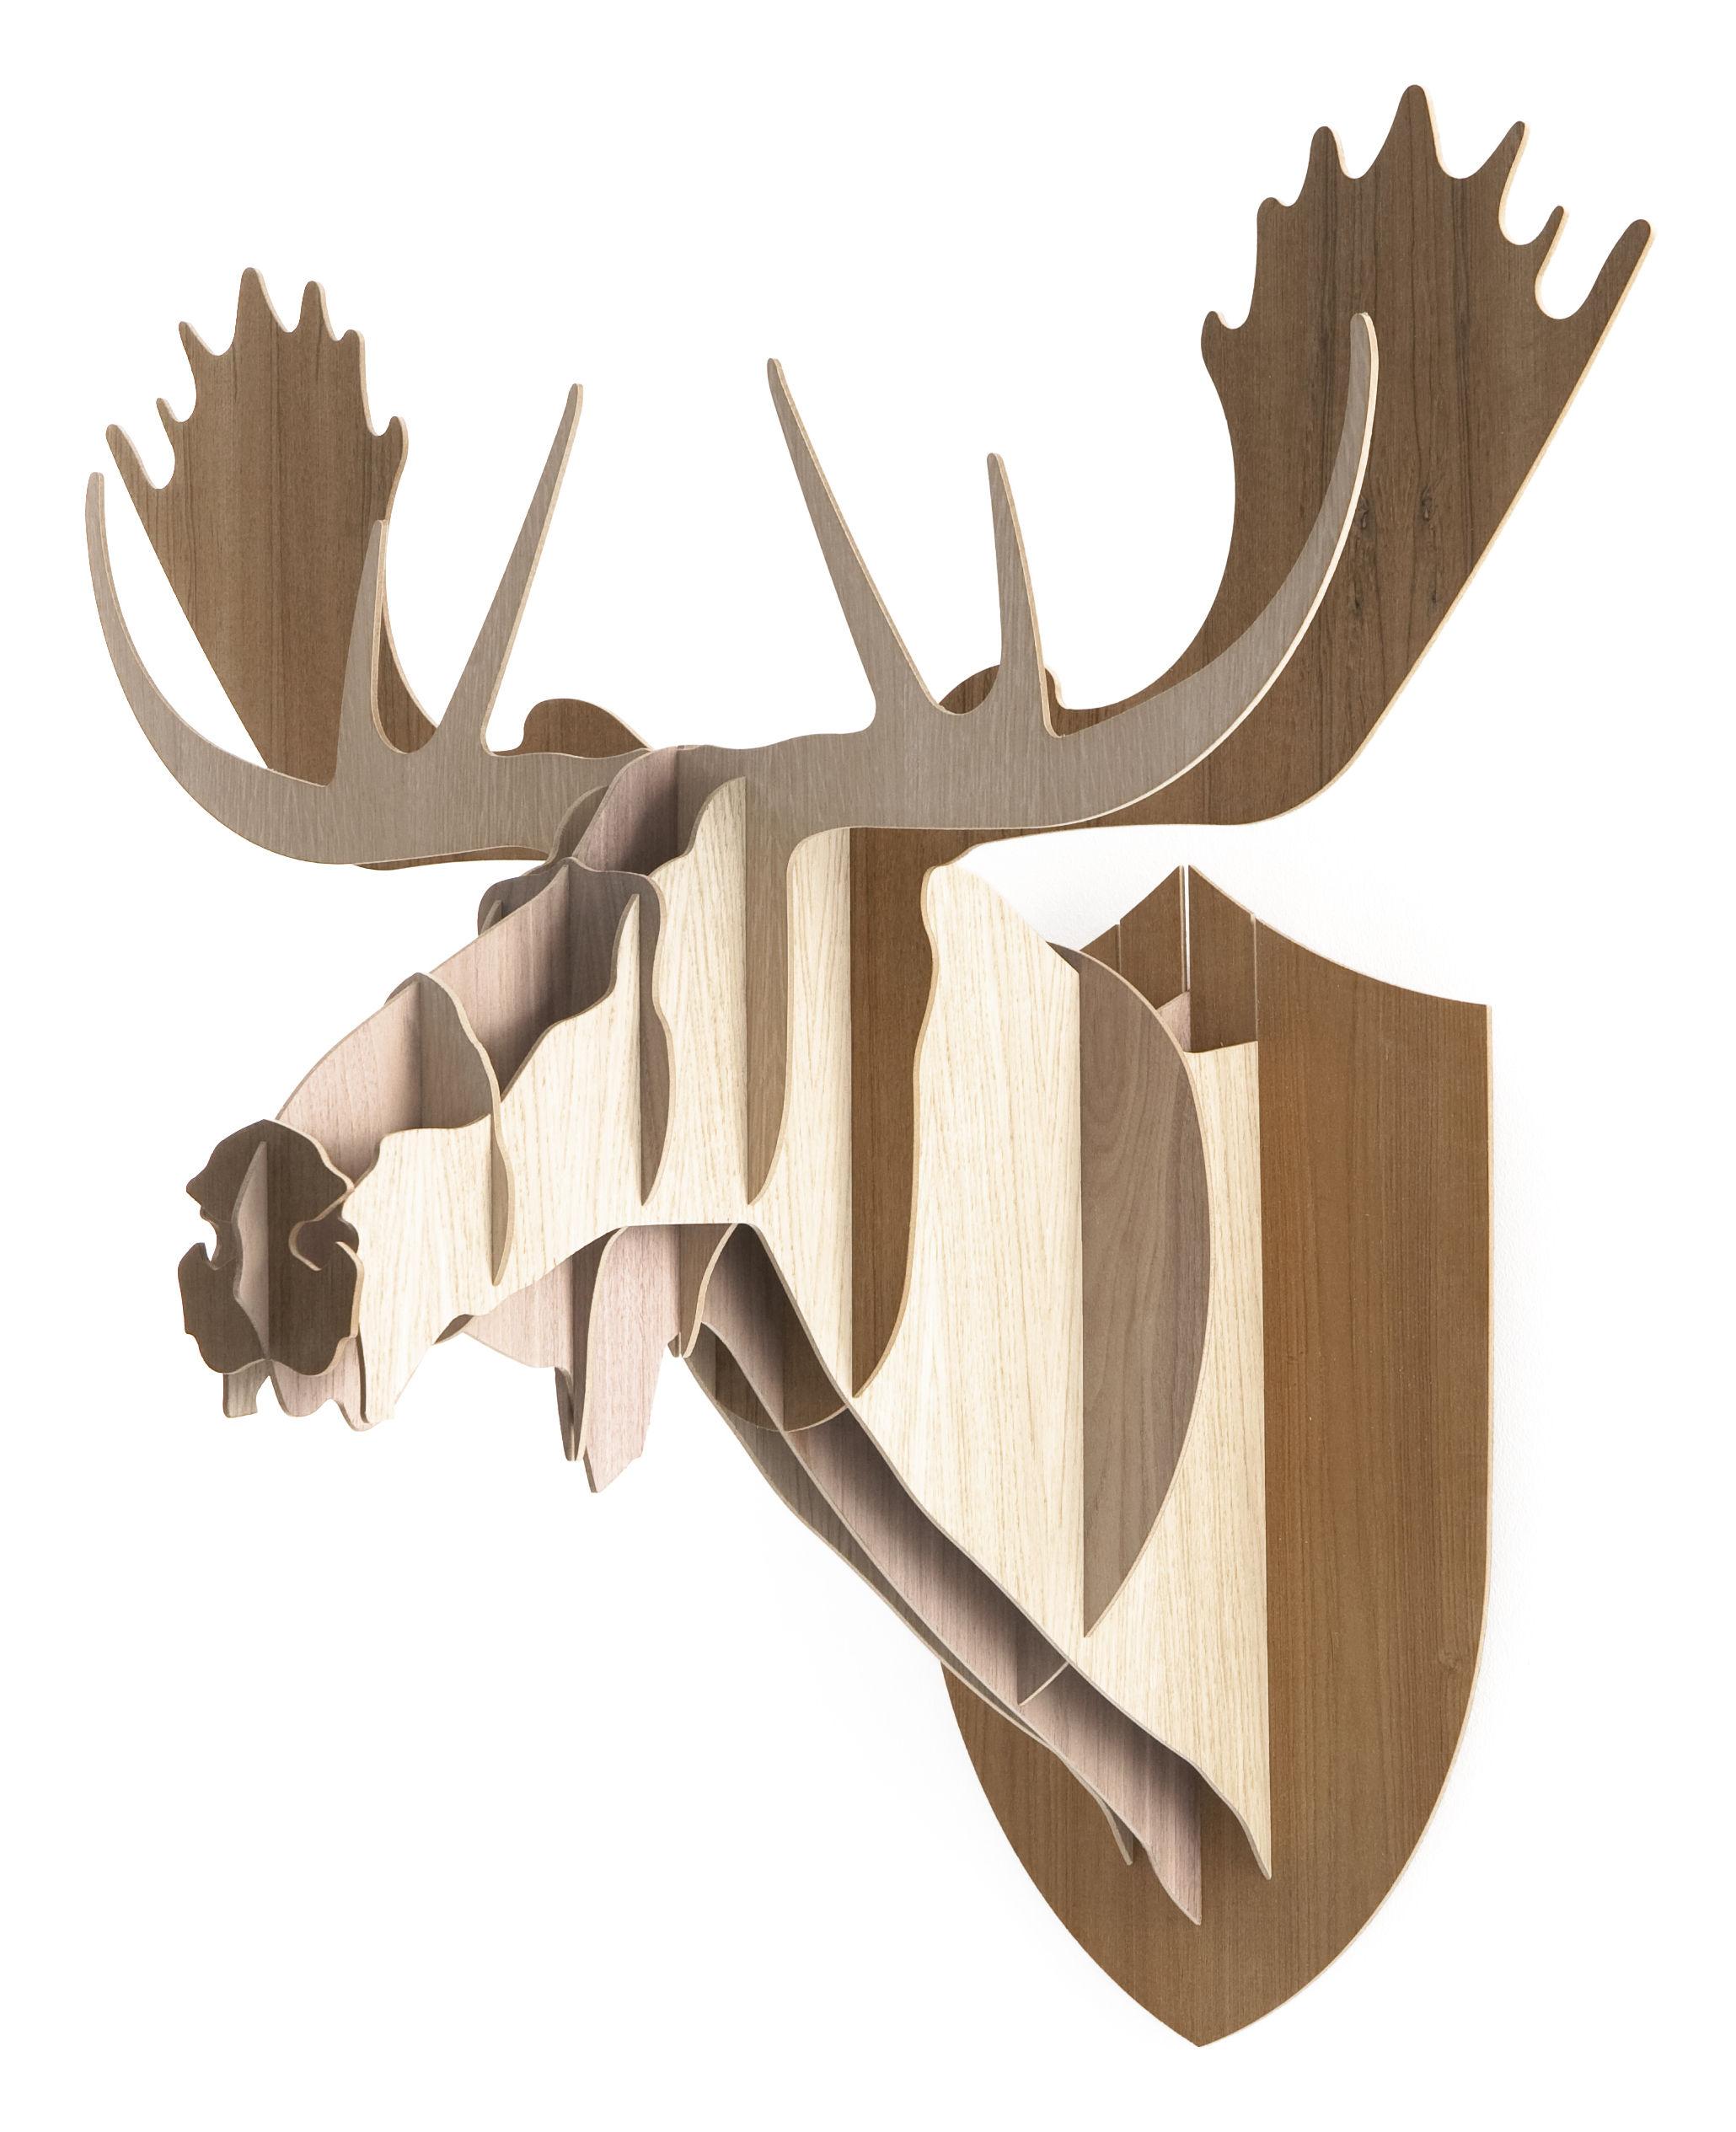 Interni - Insoliti e divertenti - Trofeo - H 86 cm - Versione tricolore di Moustache - H 86 cm - 3 gradazioni di legno - Noce, Rovere, Teck